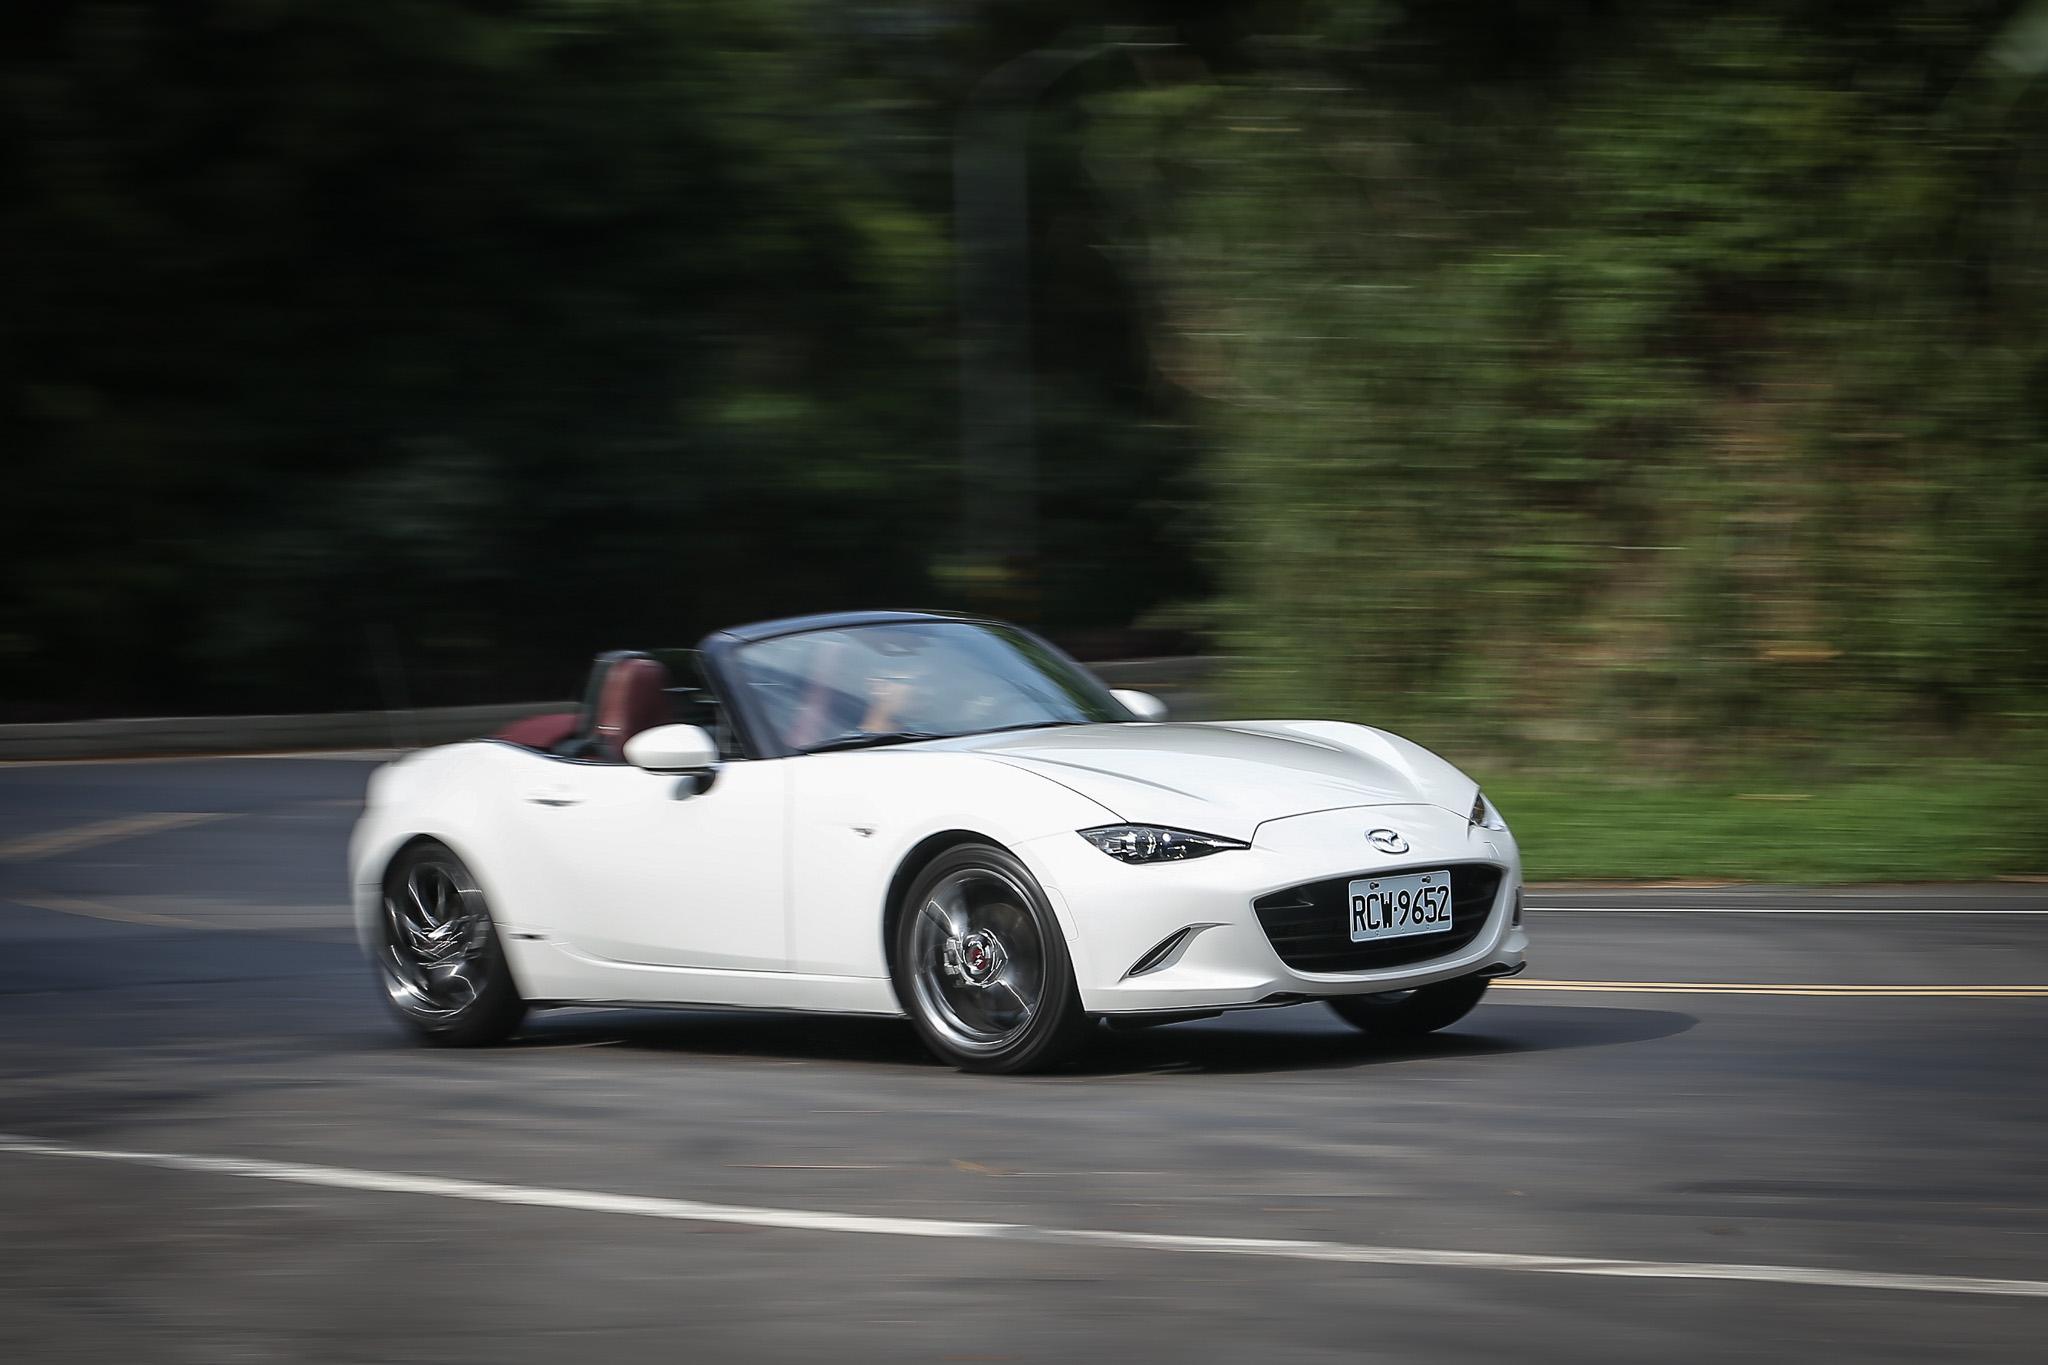 車身動態明確且清晰的回饋,給予了駕駛極佳的掌控度,駕駛所施予的每個動作,車身都會完整的反應而出。